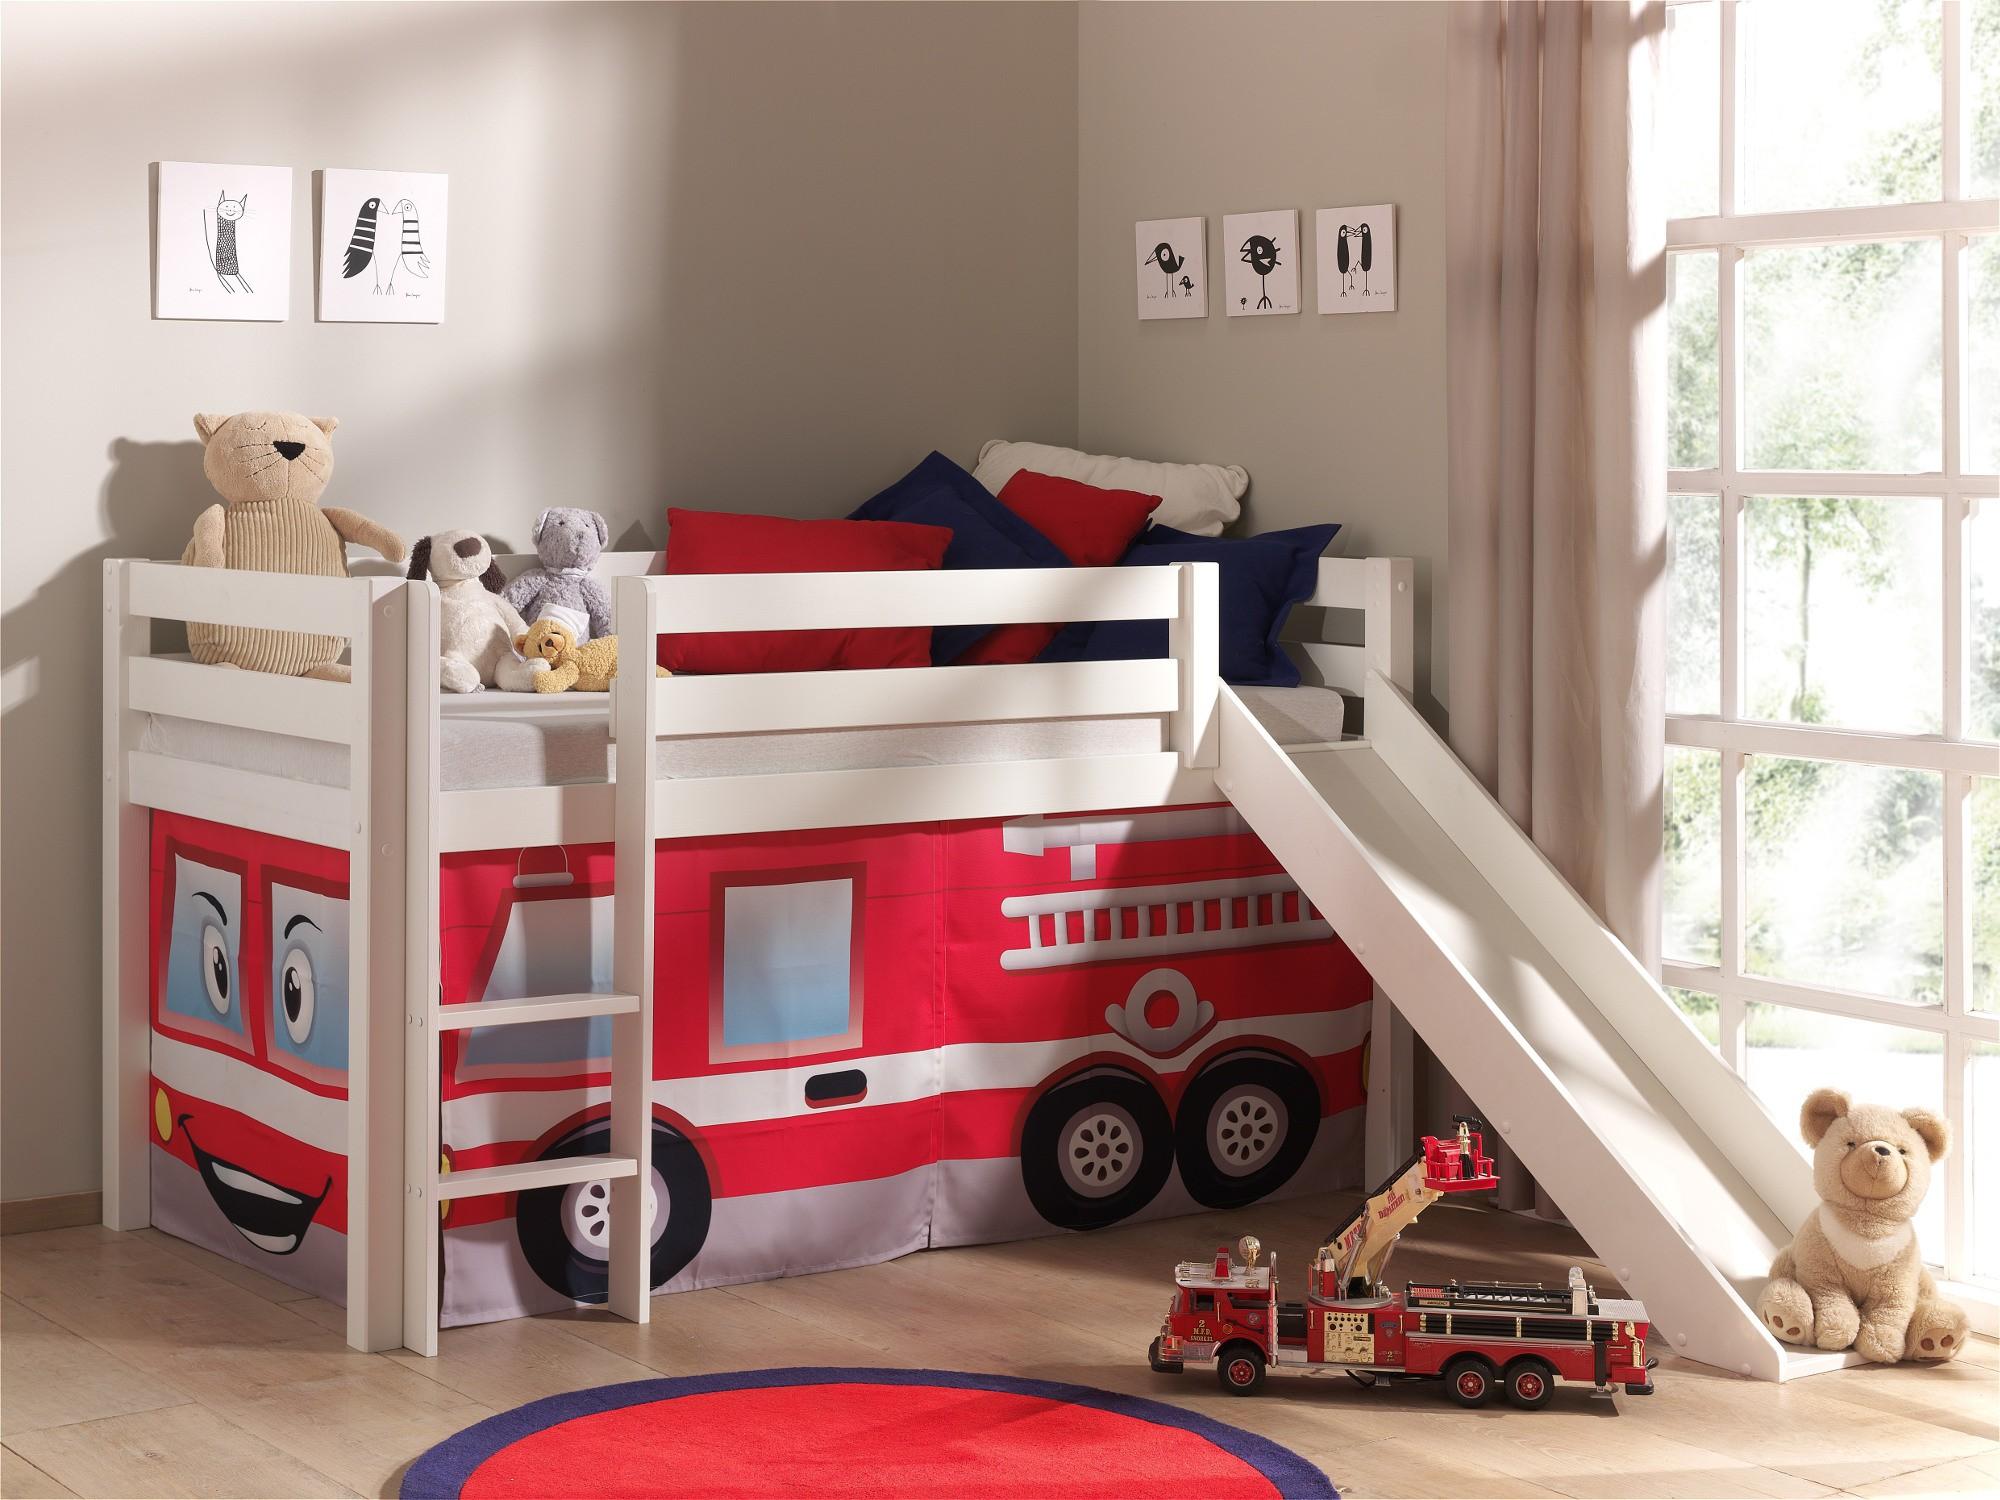 neu spielbett pino feuerwehr hochbett kinderbett rutsche. Black Bedroom Furniture Sets. Home Design Ideas